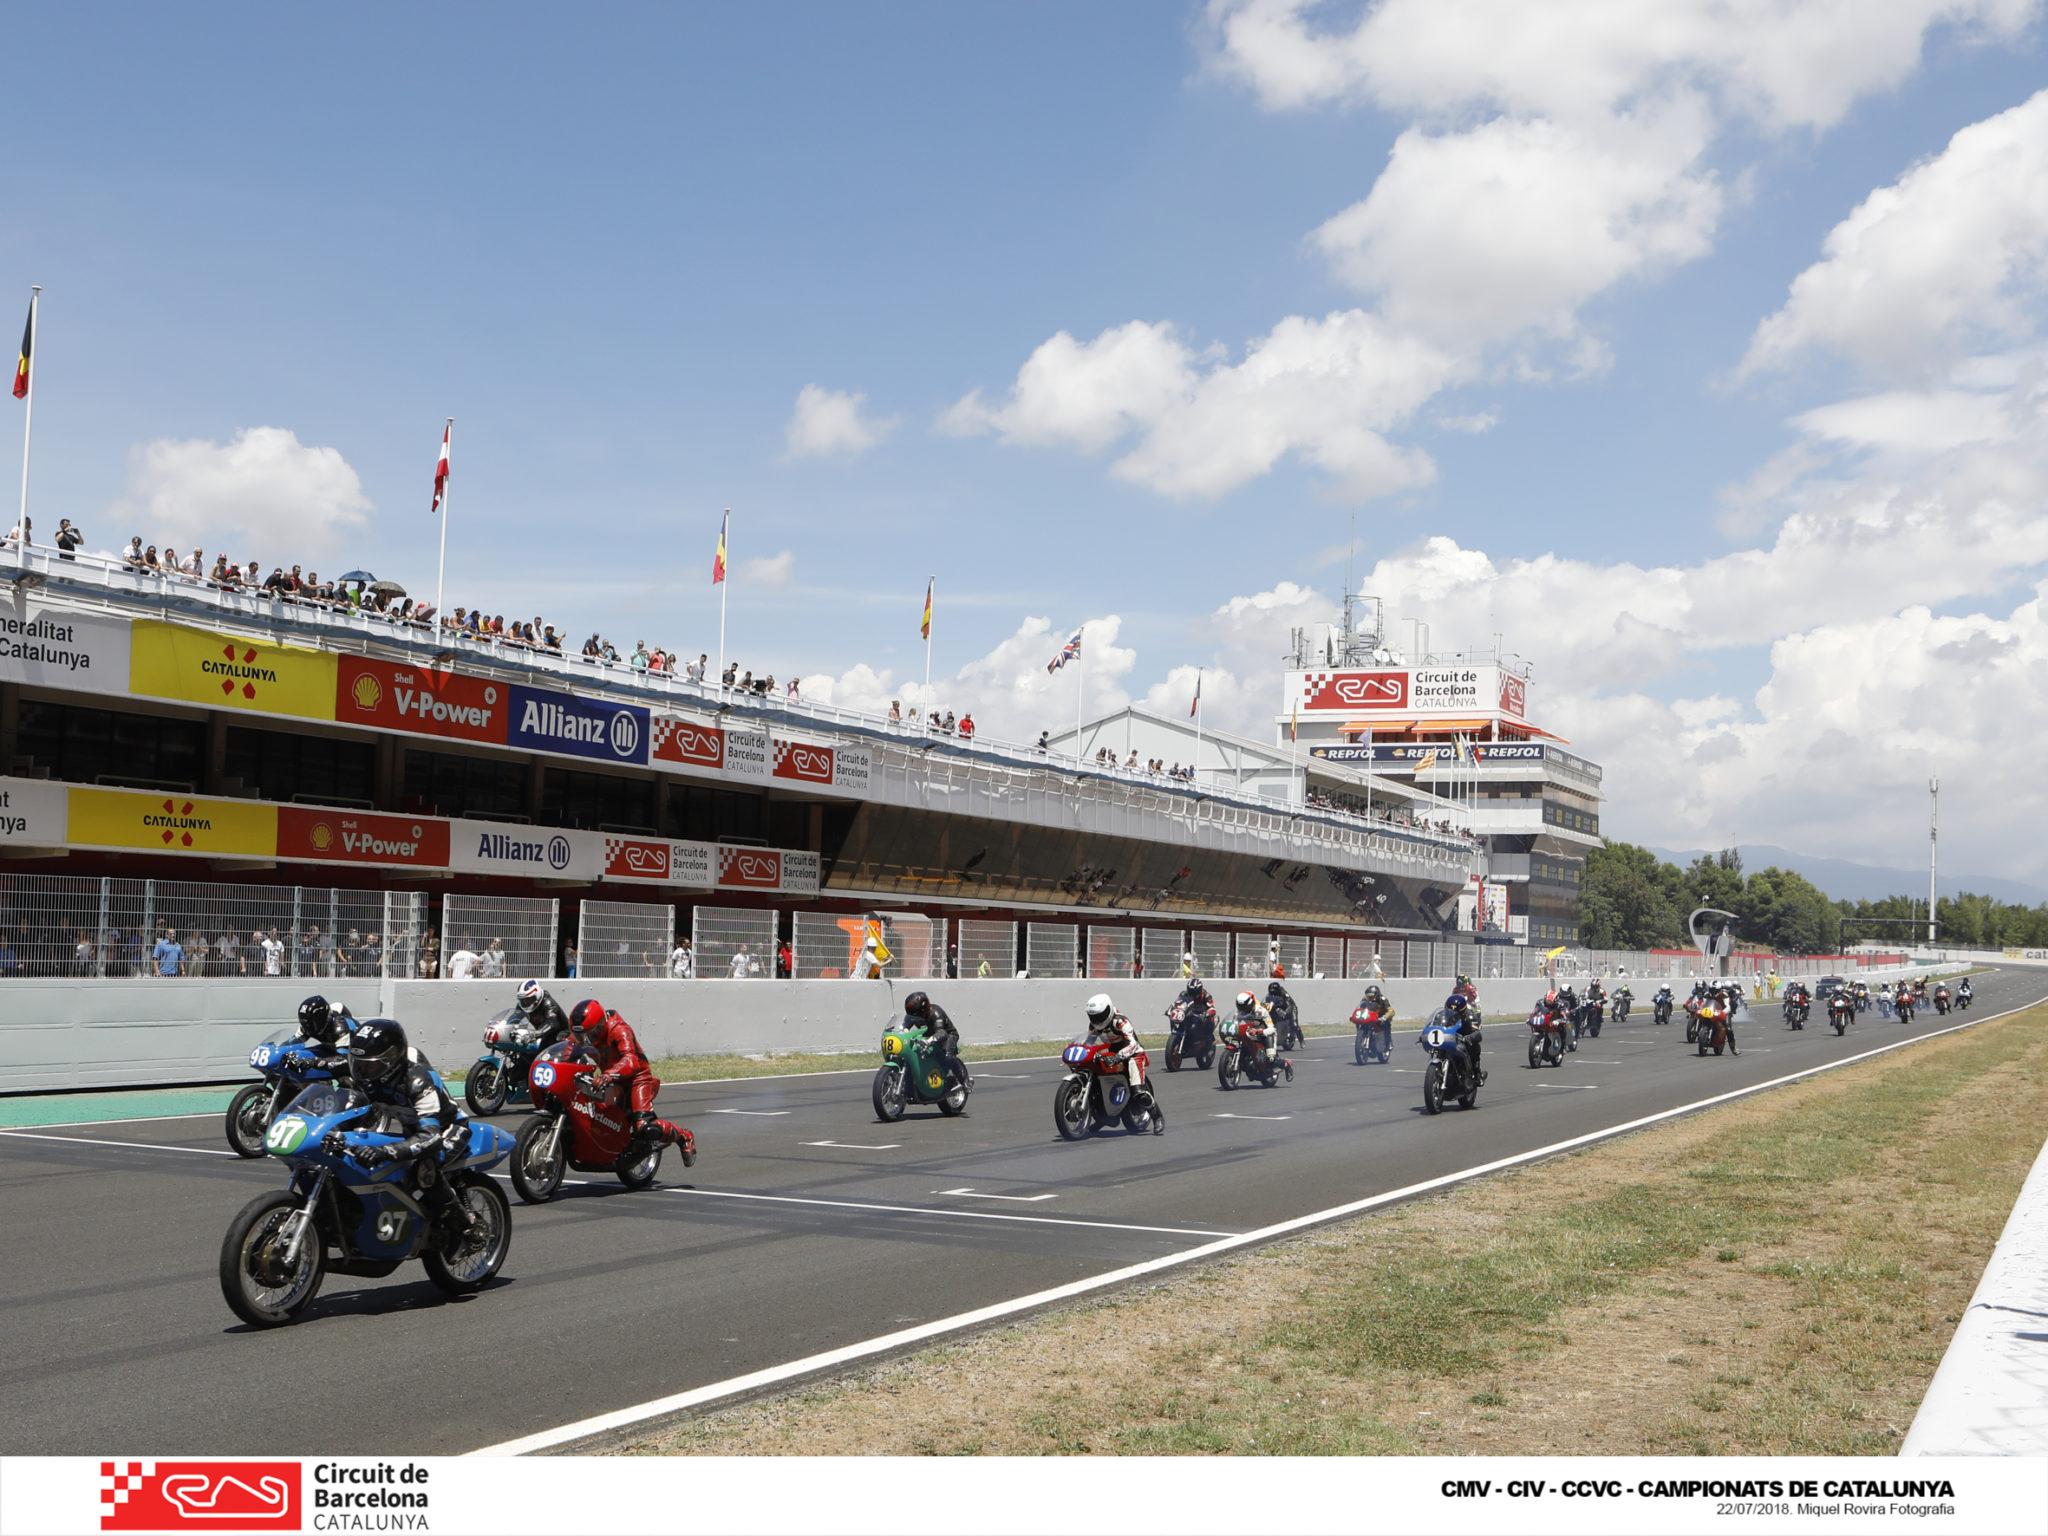 Campionats de Catalunya de Motociclisme